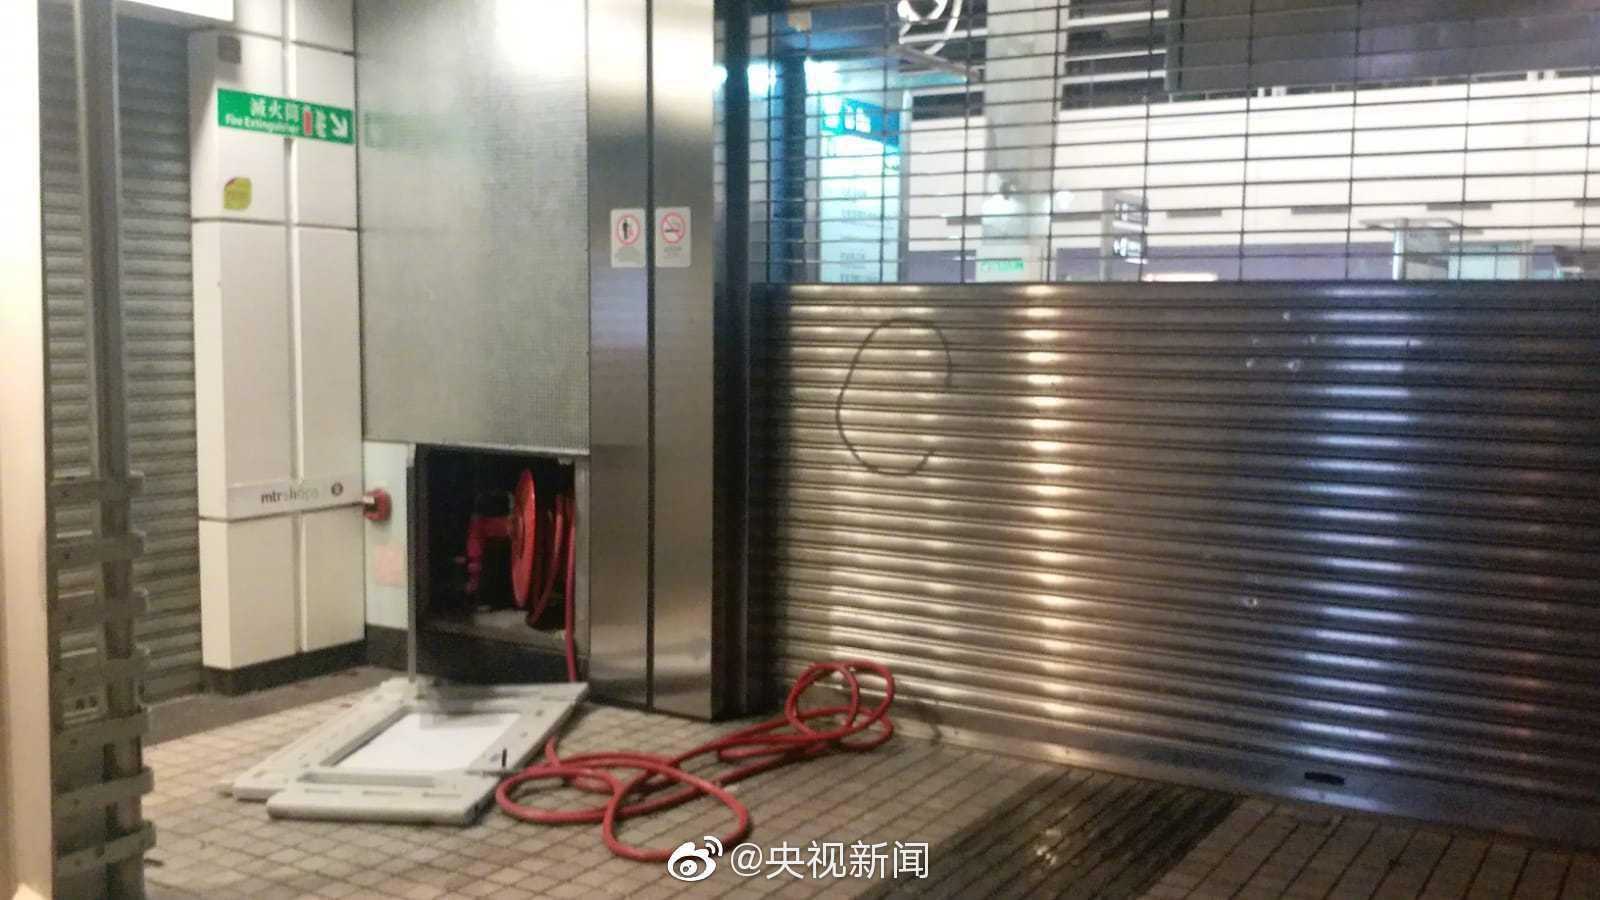 """网上套利赚钱方法大全,胡润来浦江了 要和当地政府一起掀起全国性""""厕所革命"""""""